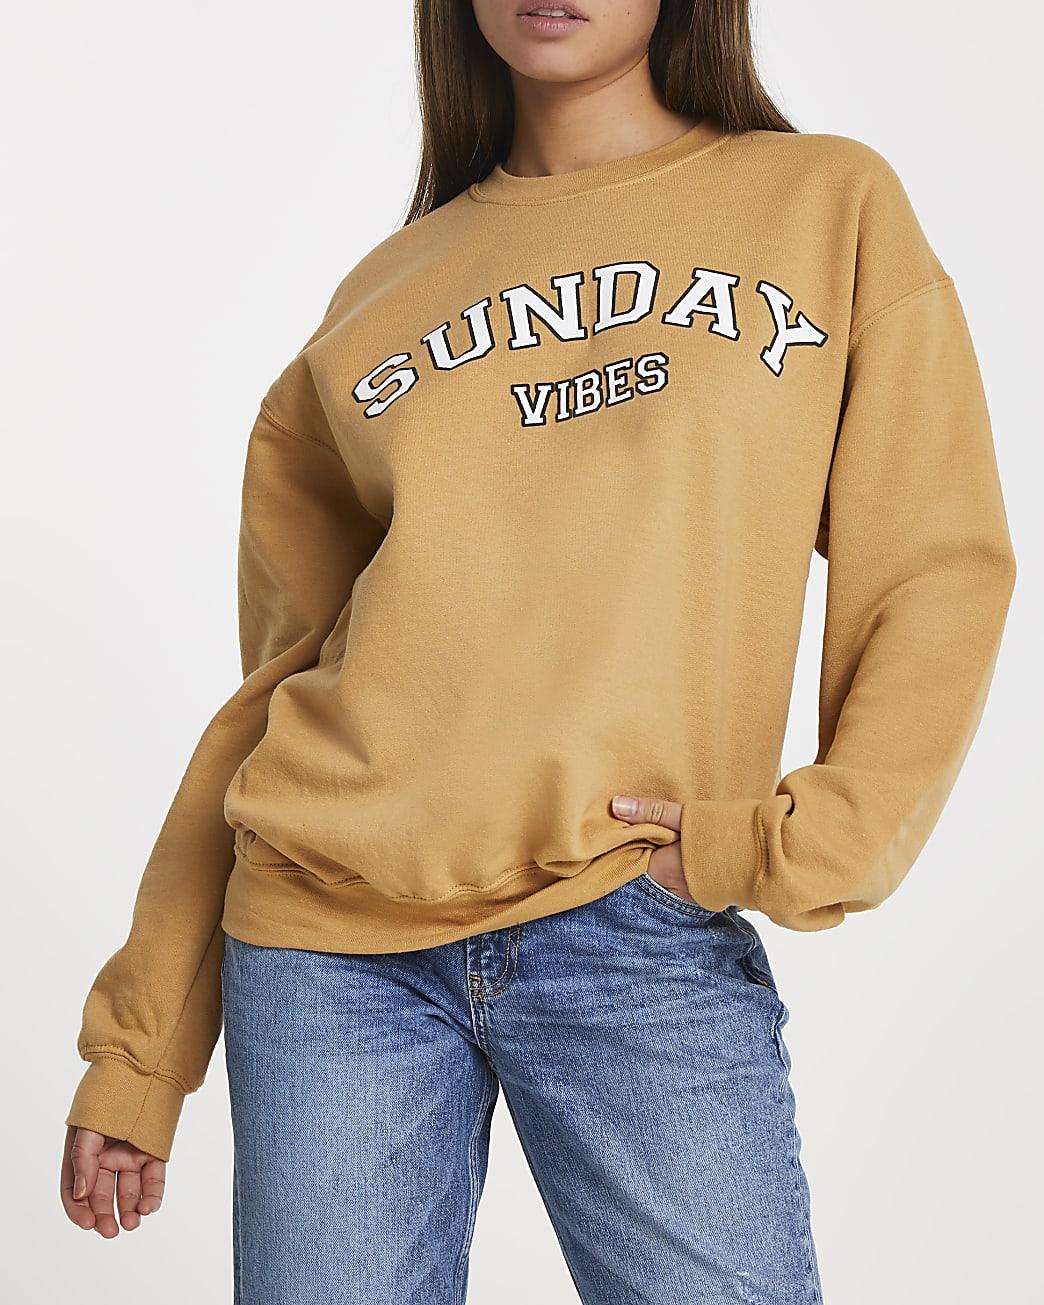 Yellow 'Sunday Vibes' long sleeve sweatshirt